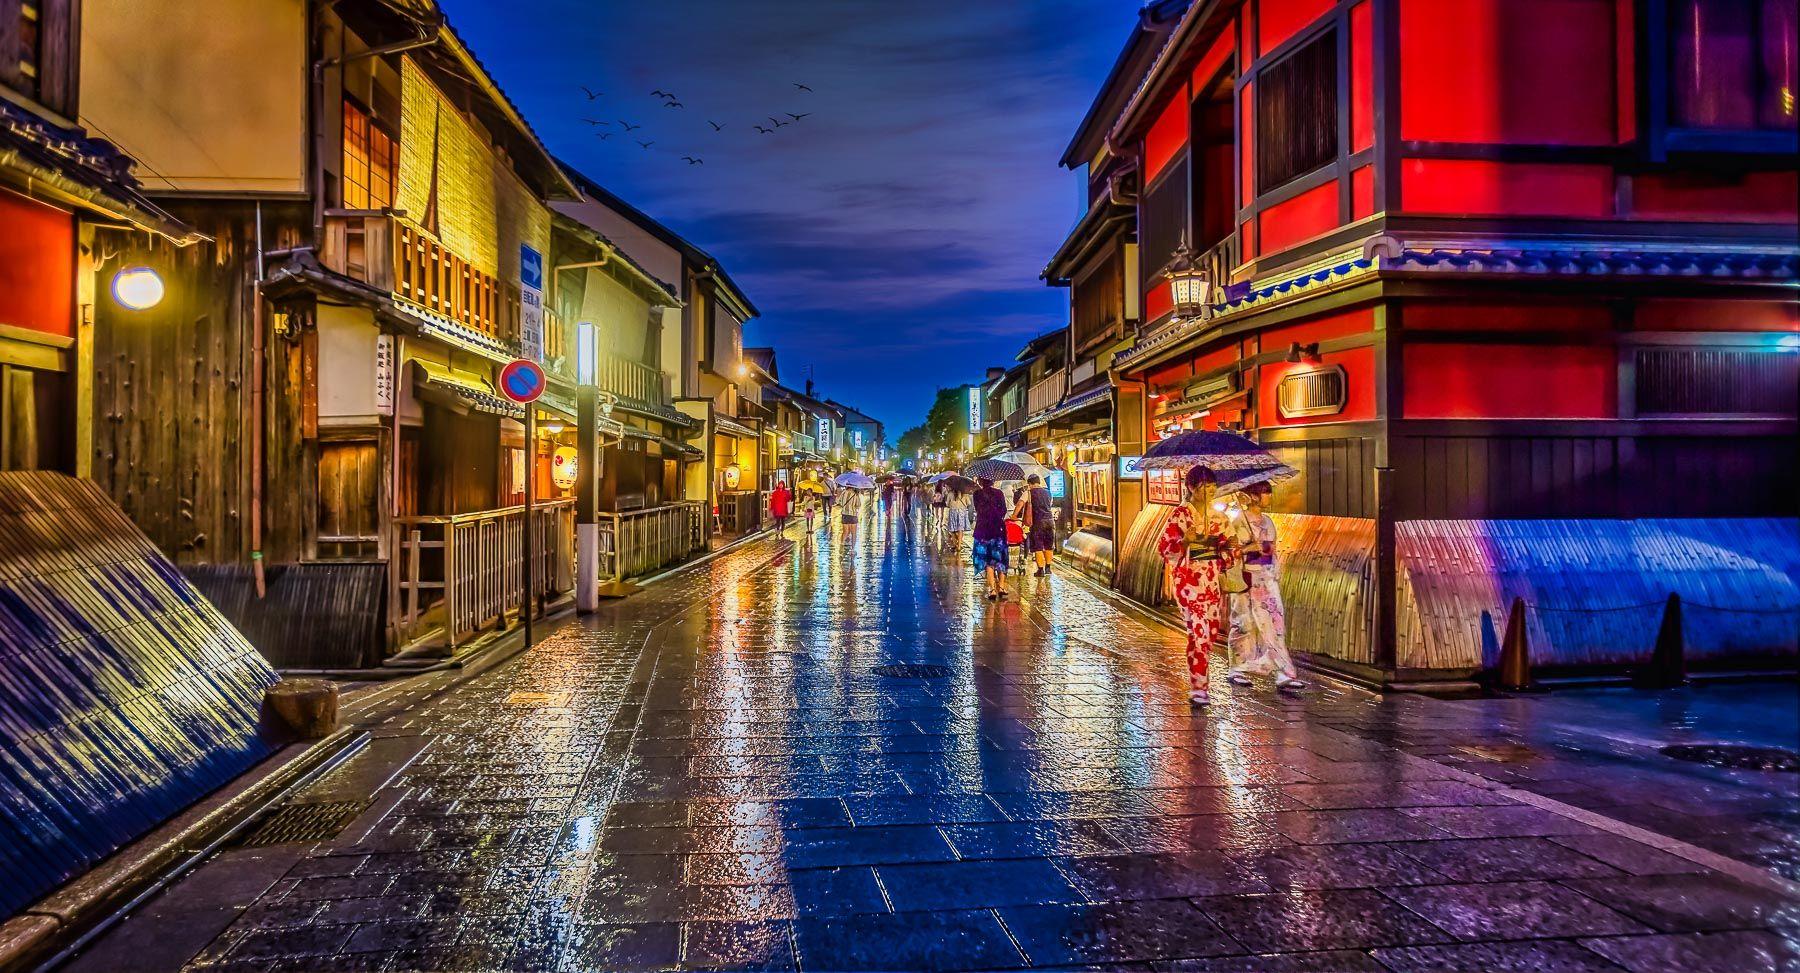 Hanamikoji Street, Kyoto, Japan